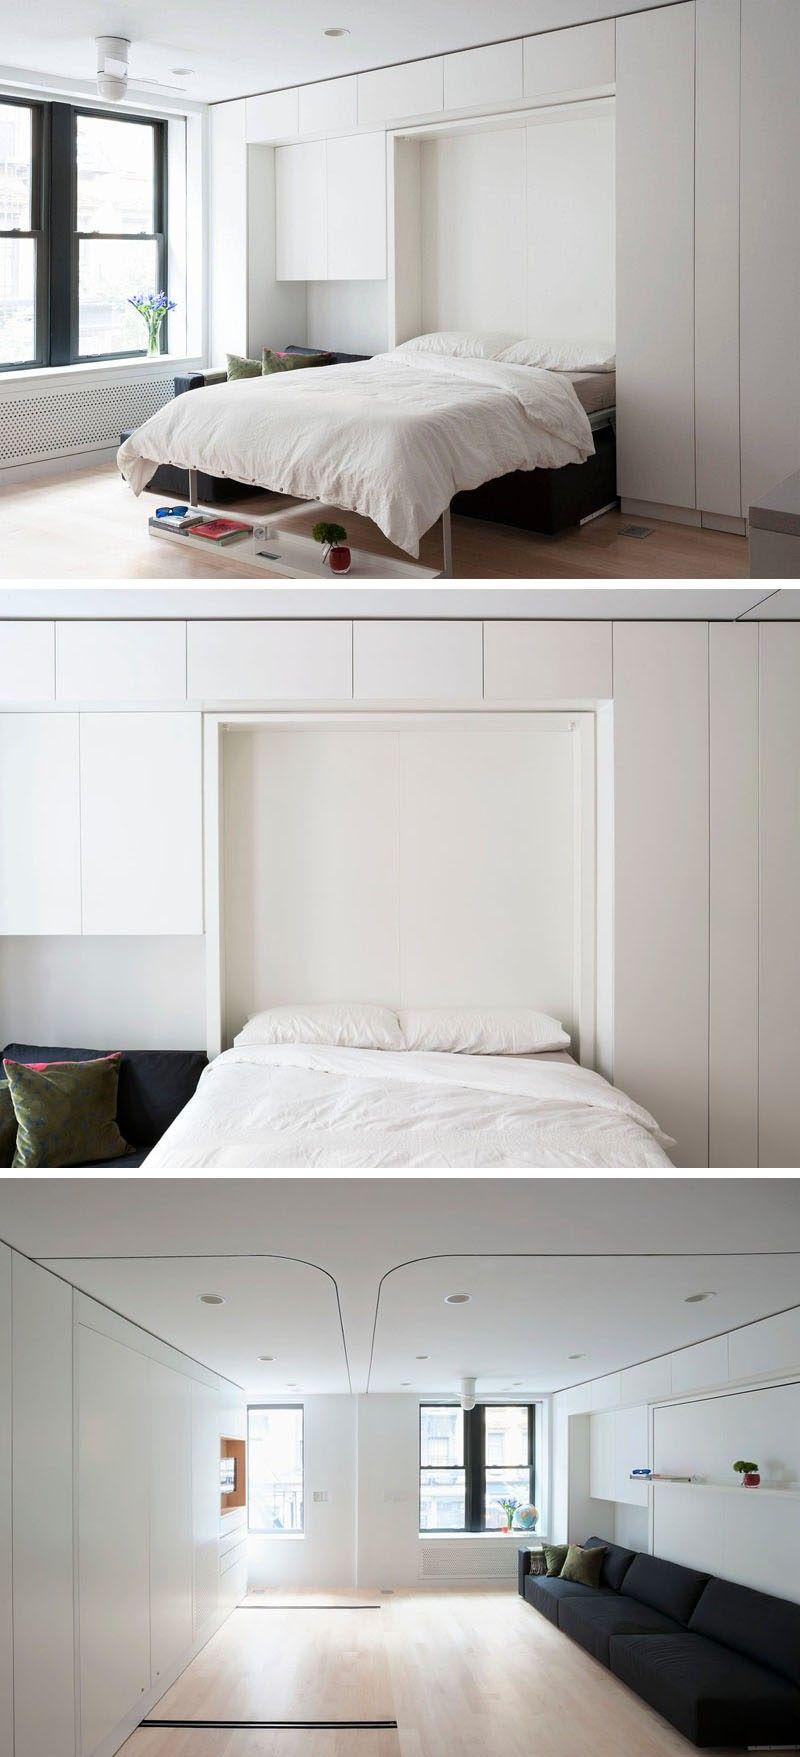 Wundervoll Schlafzimmer Design Ideen 8 Möglichkeiten, Erstellen Die Ultimative  Surround Mit Bettkästen / / Store Ihr Bett, Wenn Sie Auf Raum Wirklich  Dicht Sind Ein ...